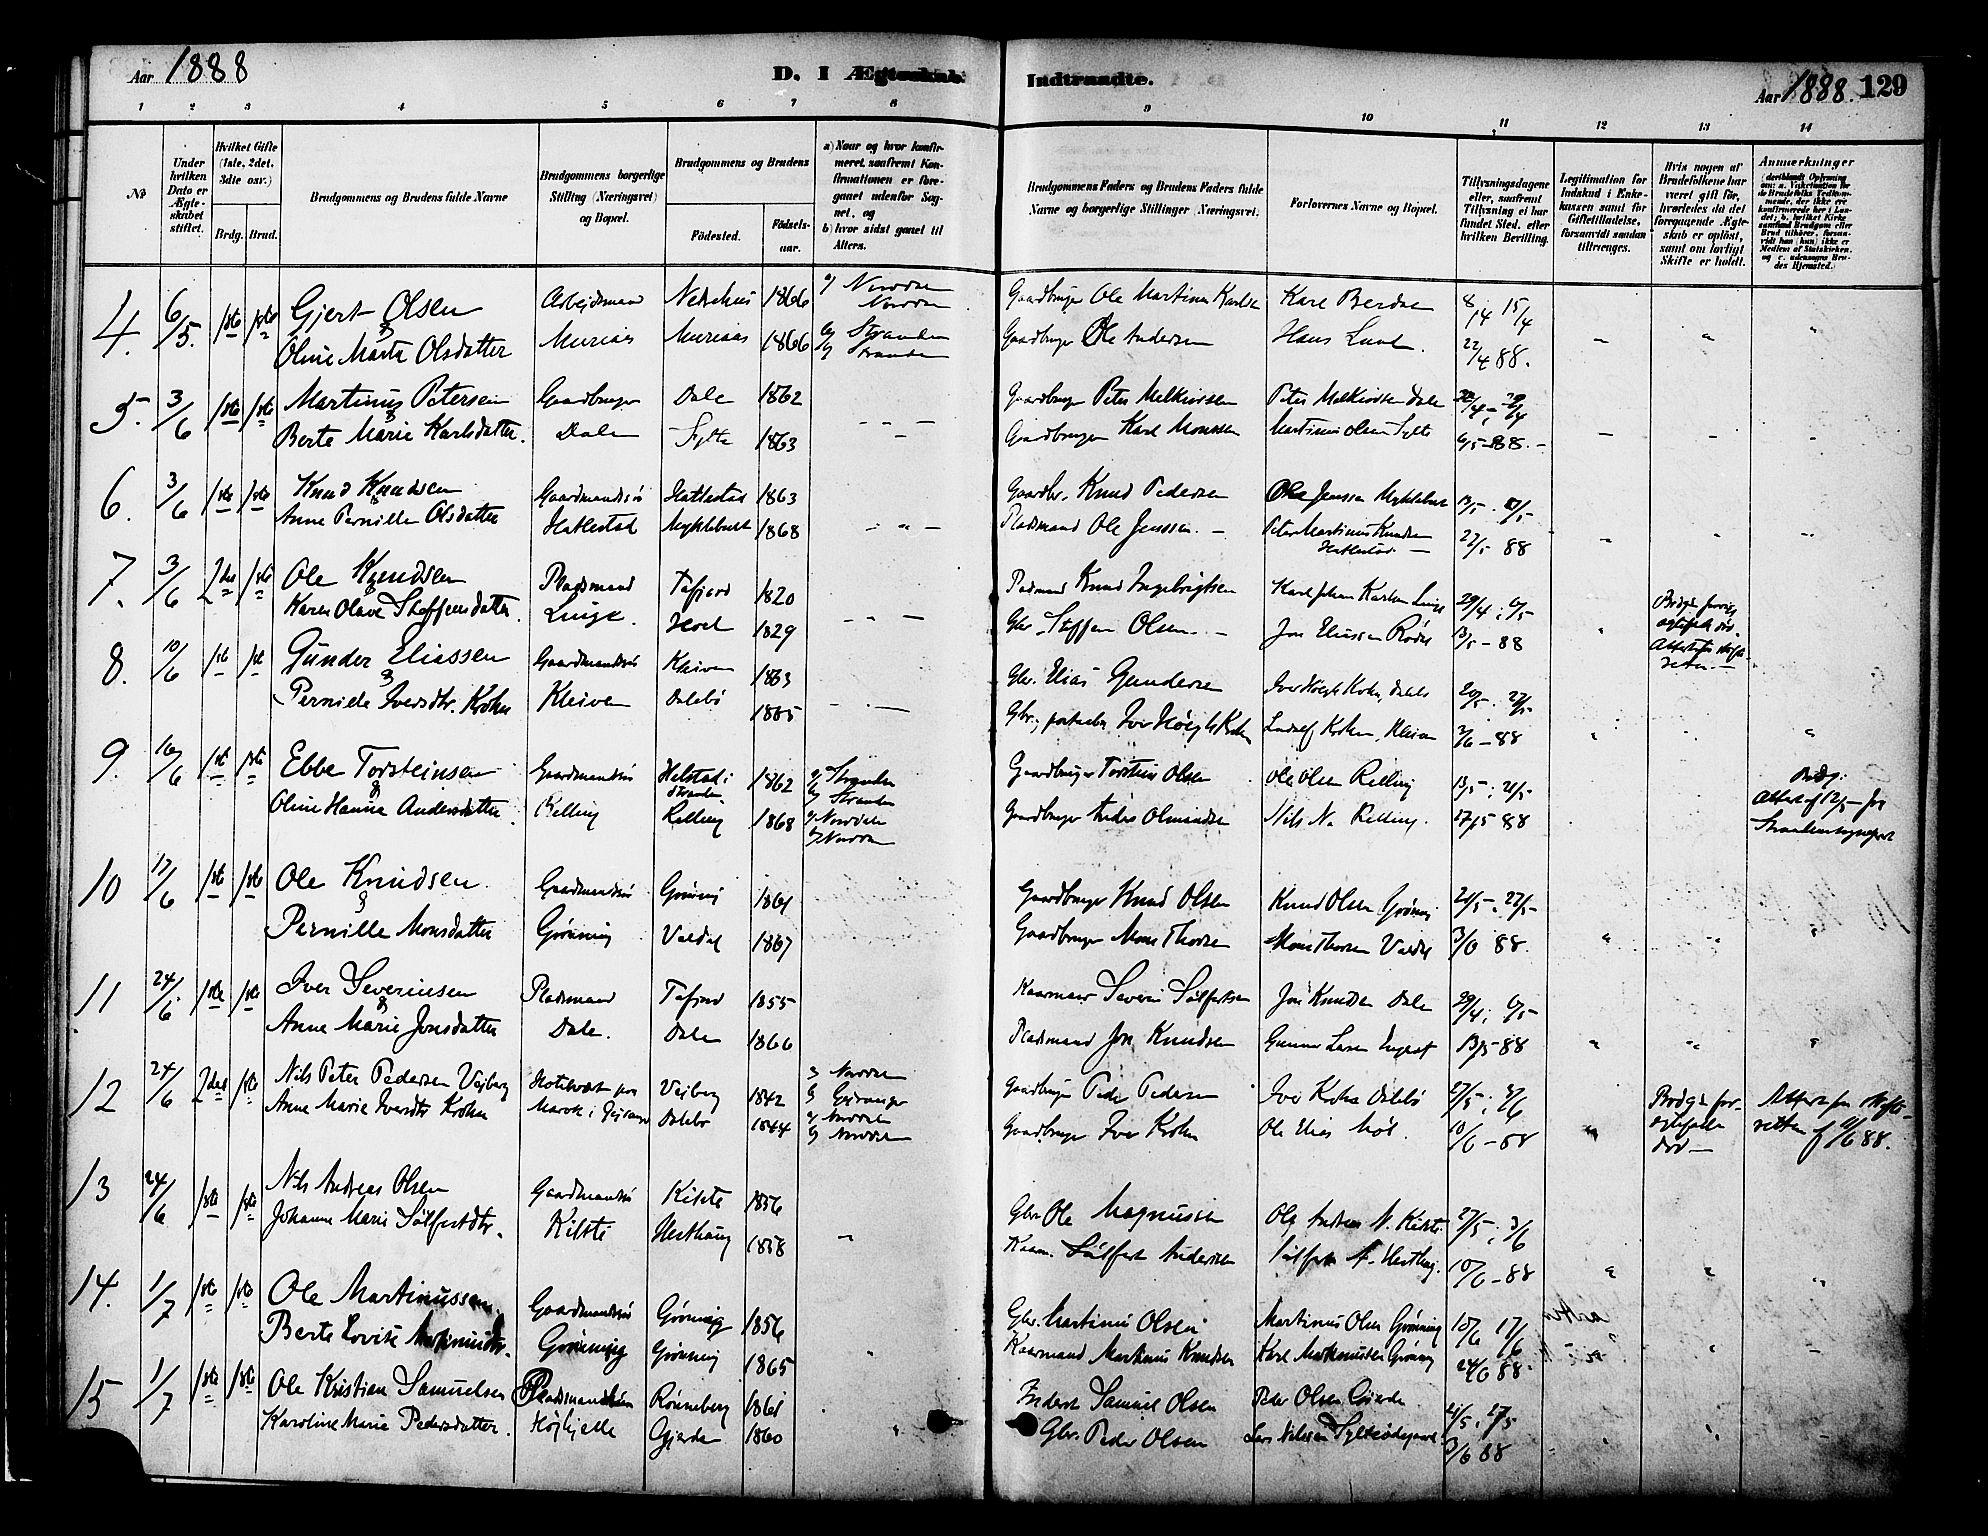 SAT, Ministerialprotokoller, klokkerbøker og fødselsregistre - Møre og Romsdal, 519/L0255: Ministerialbok nr. 519A14, 1884-1908, s. 129